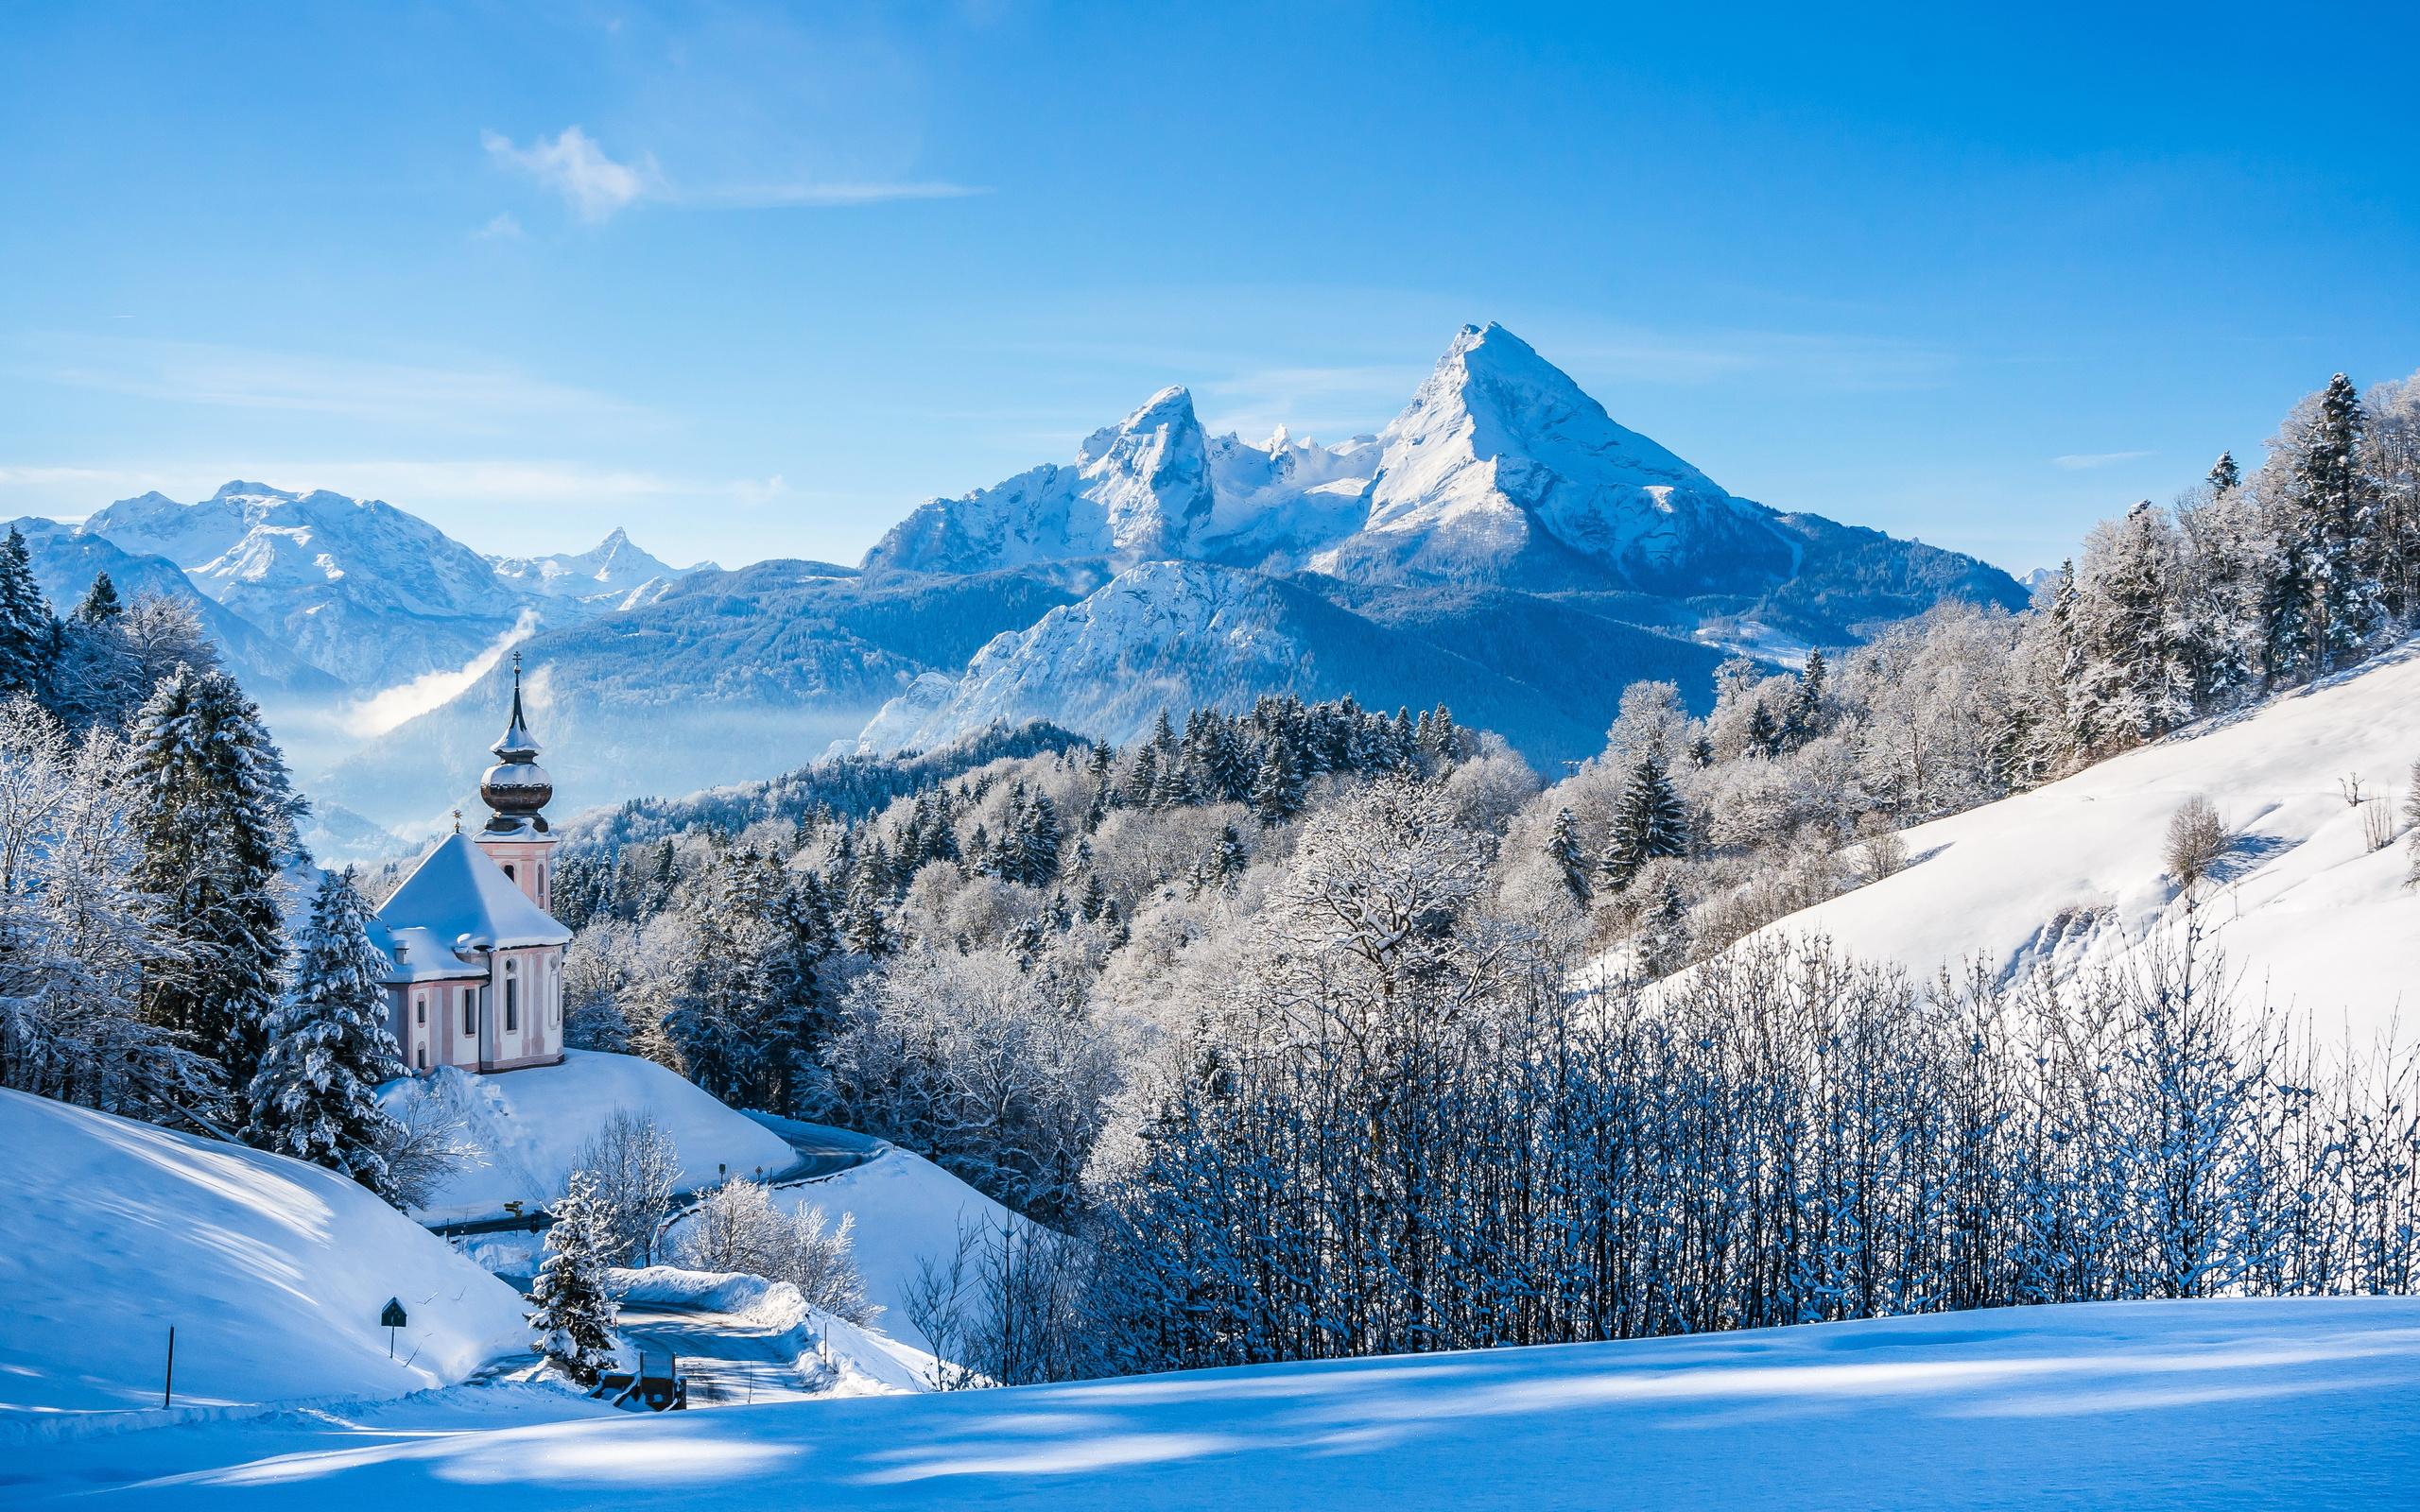 правило, картинки зима в высоком качестве на русском бесплатно